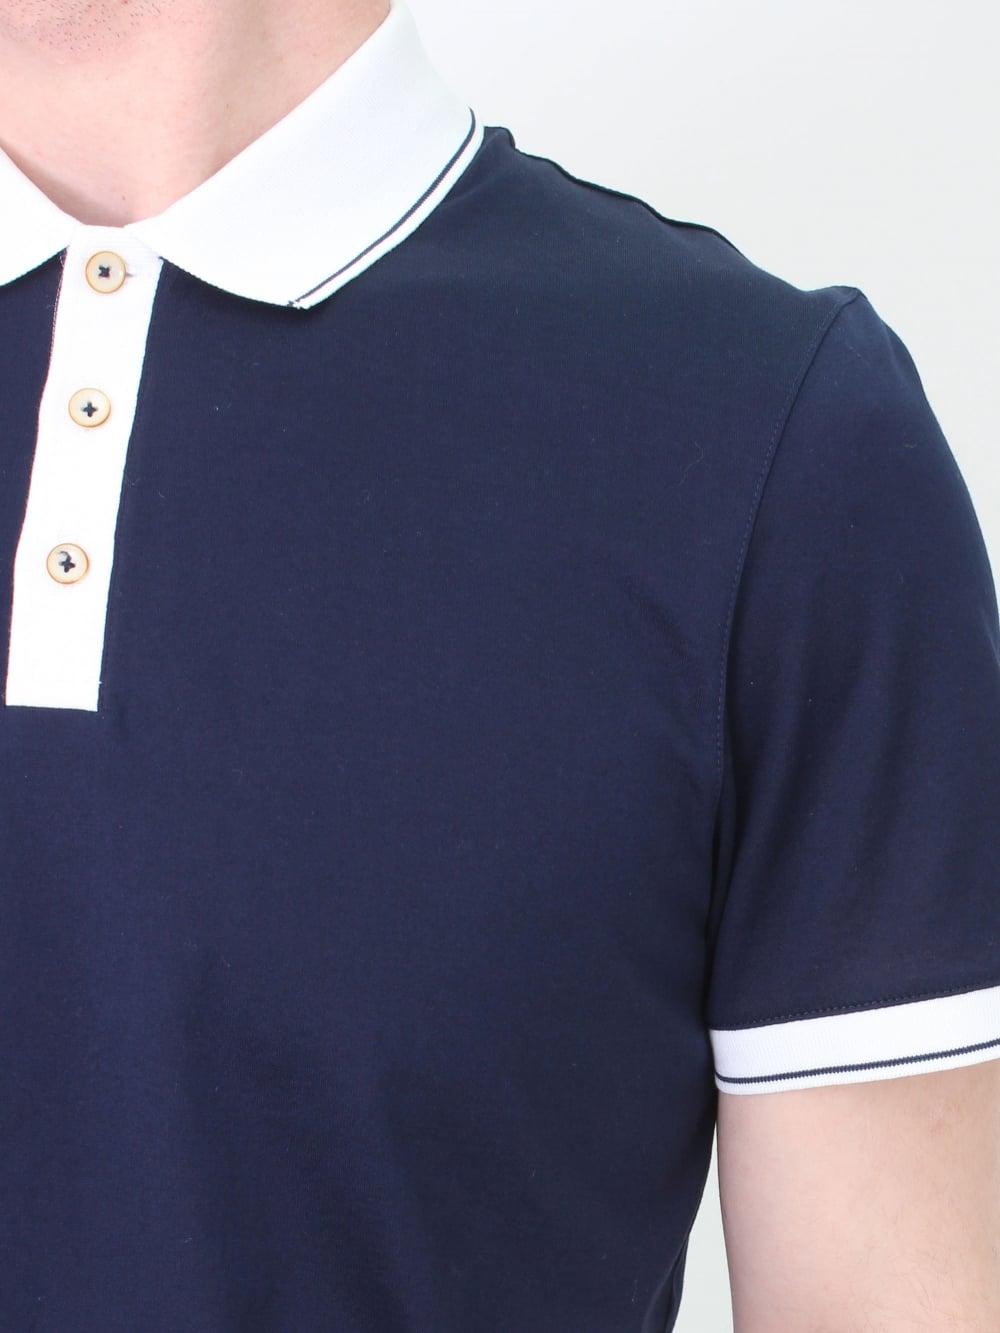 badc5e53de9ff9 Ted Baker Staffy Contrast Collar Polo in Navy